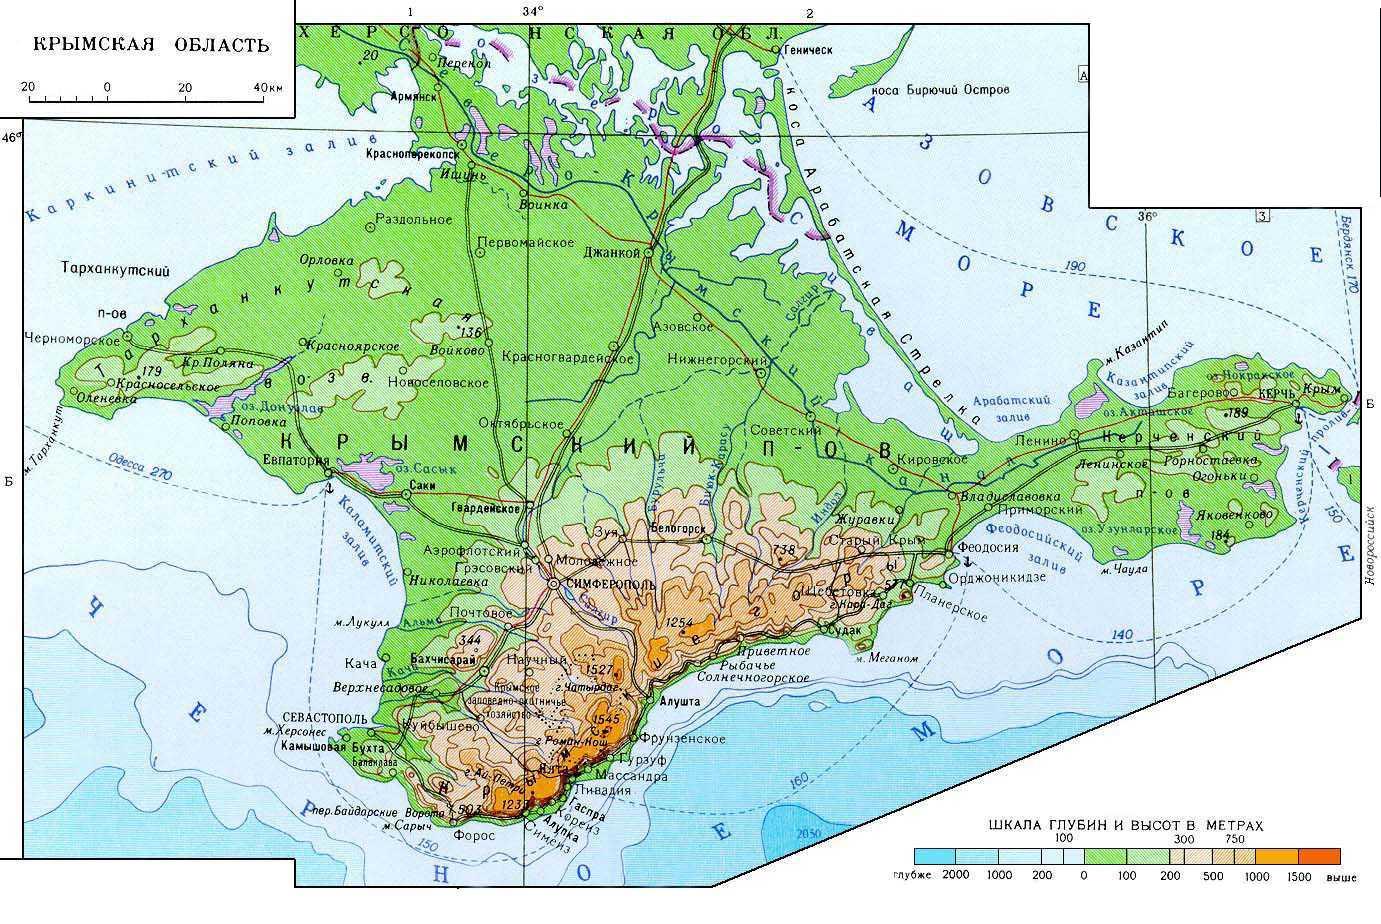 Карта Крыма - подробная схема и со спутника: с улицами и 74